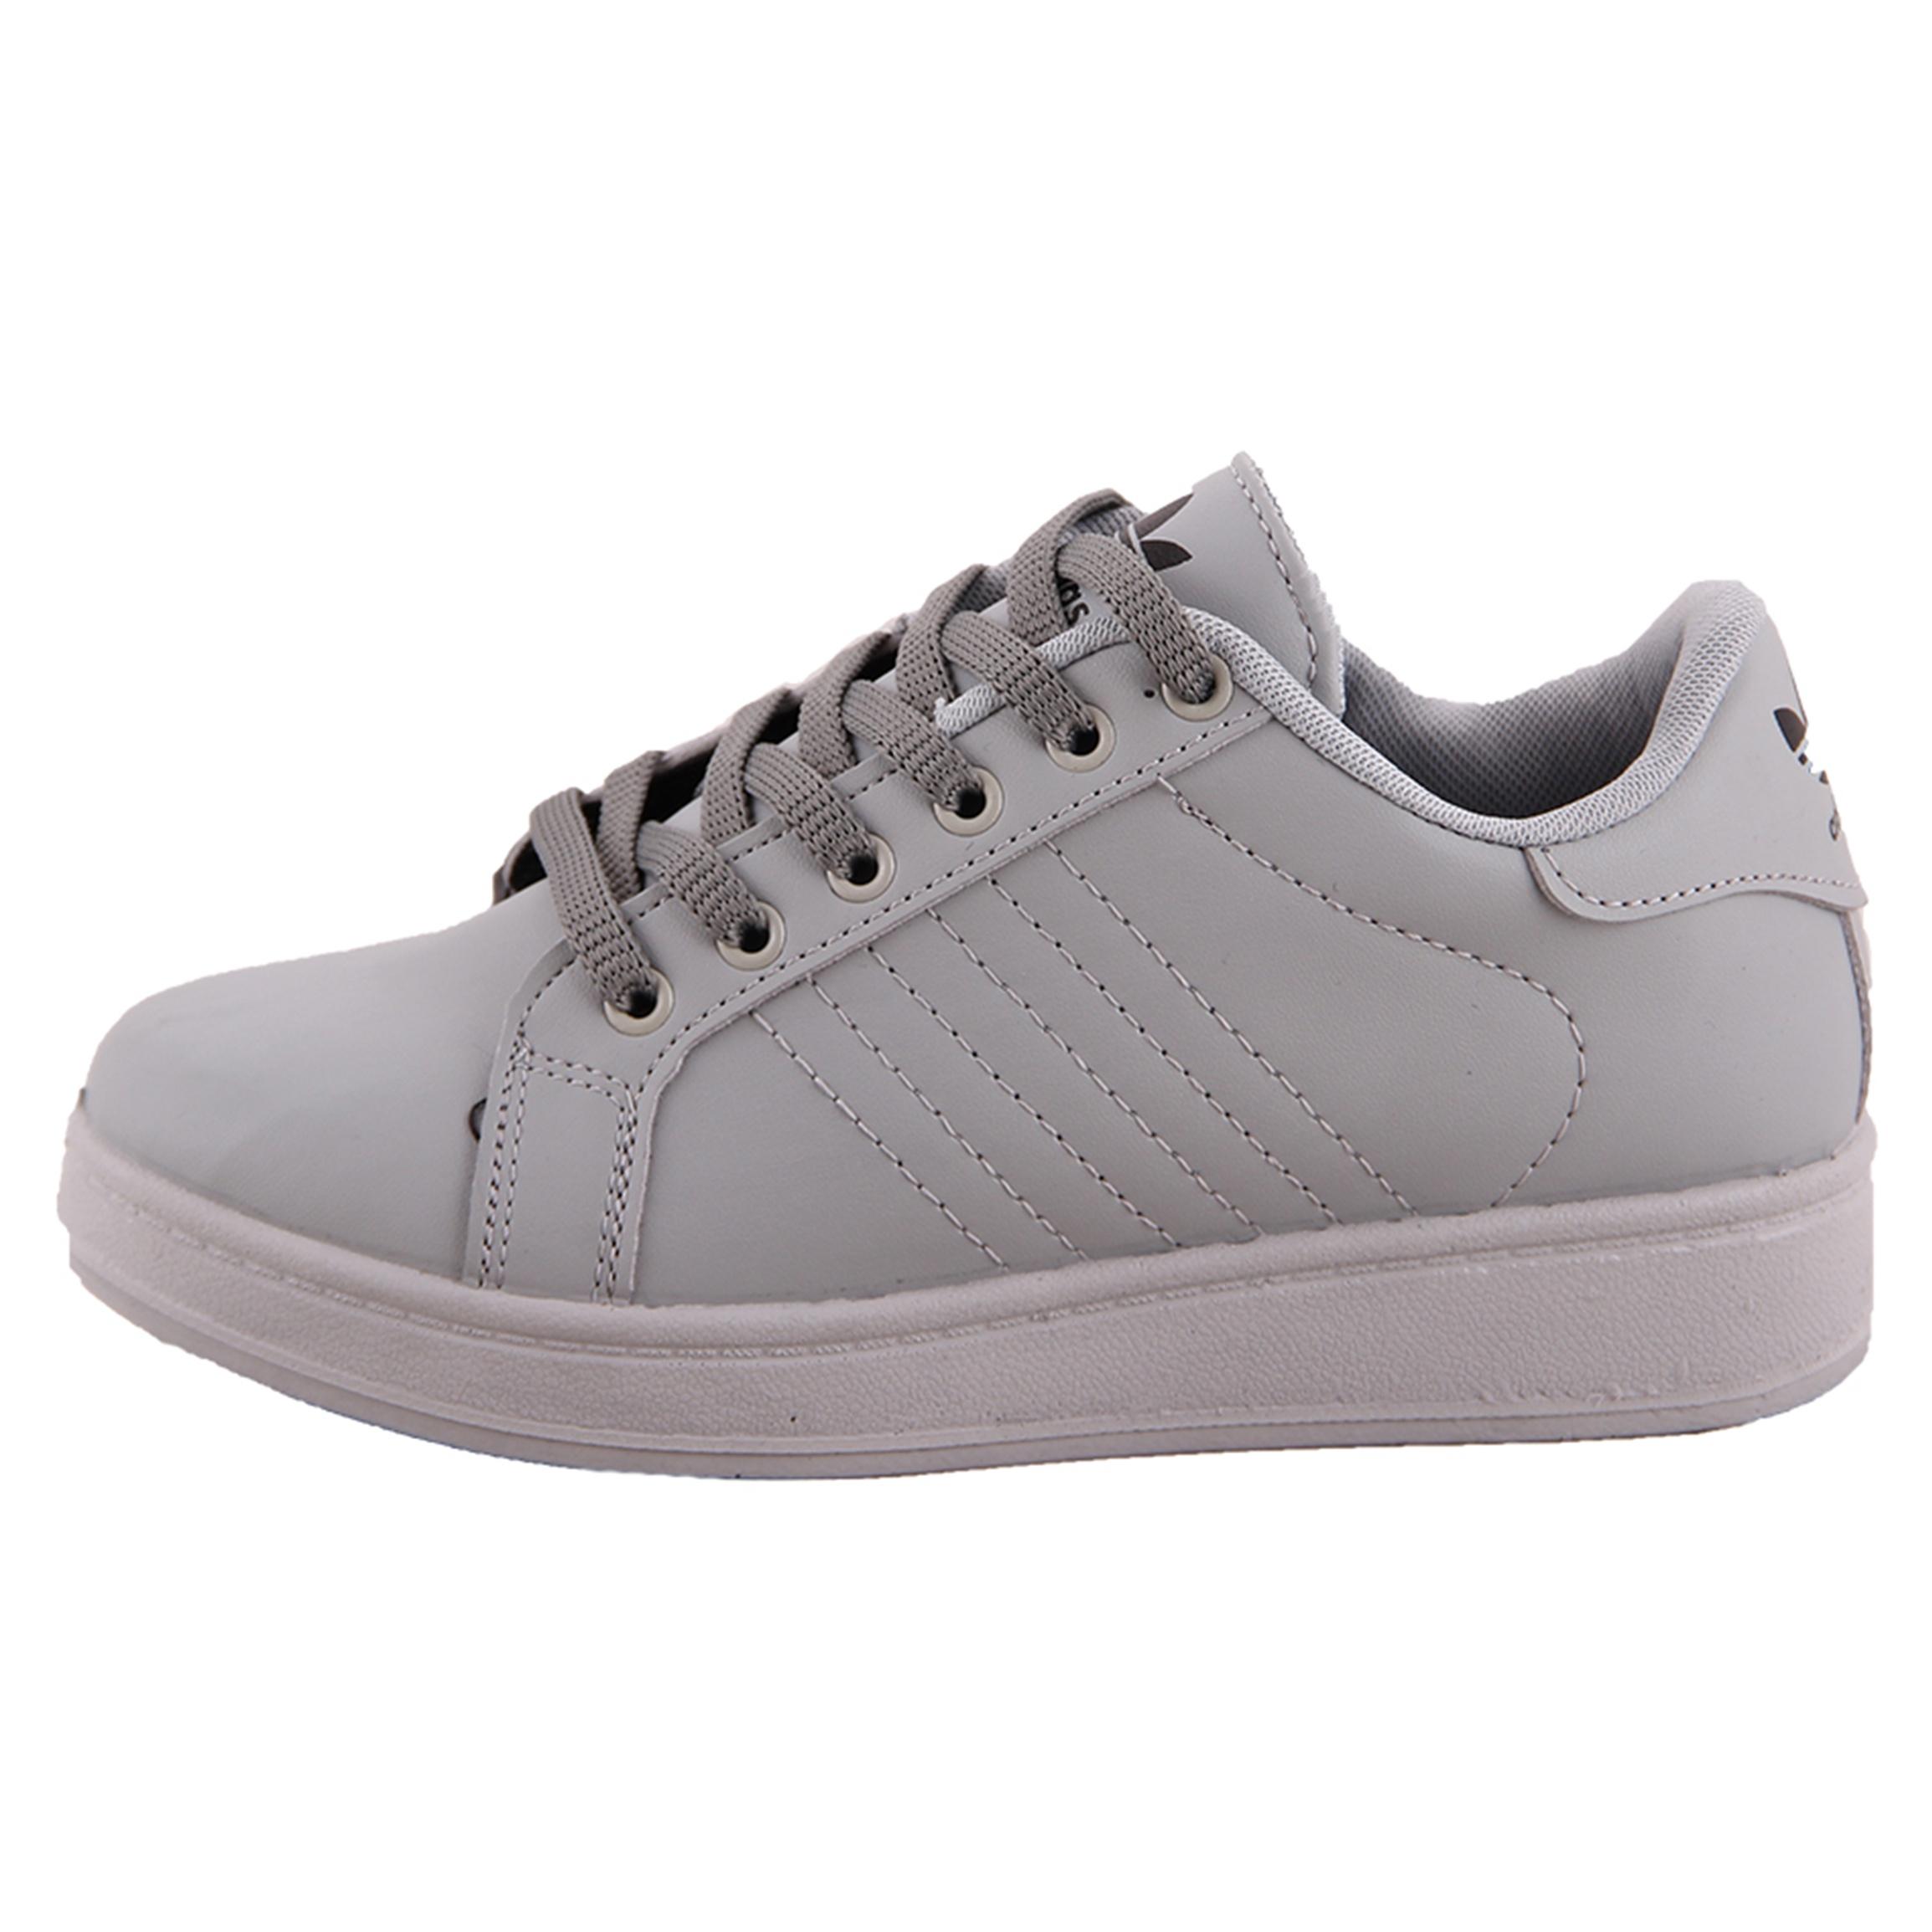 کفش مخصوص پیاده روی زنانه کد 21-39791